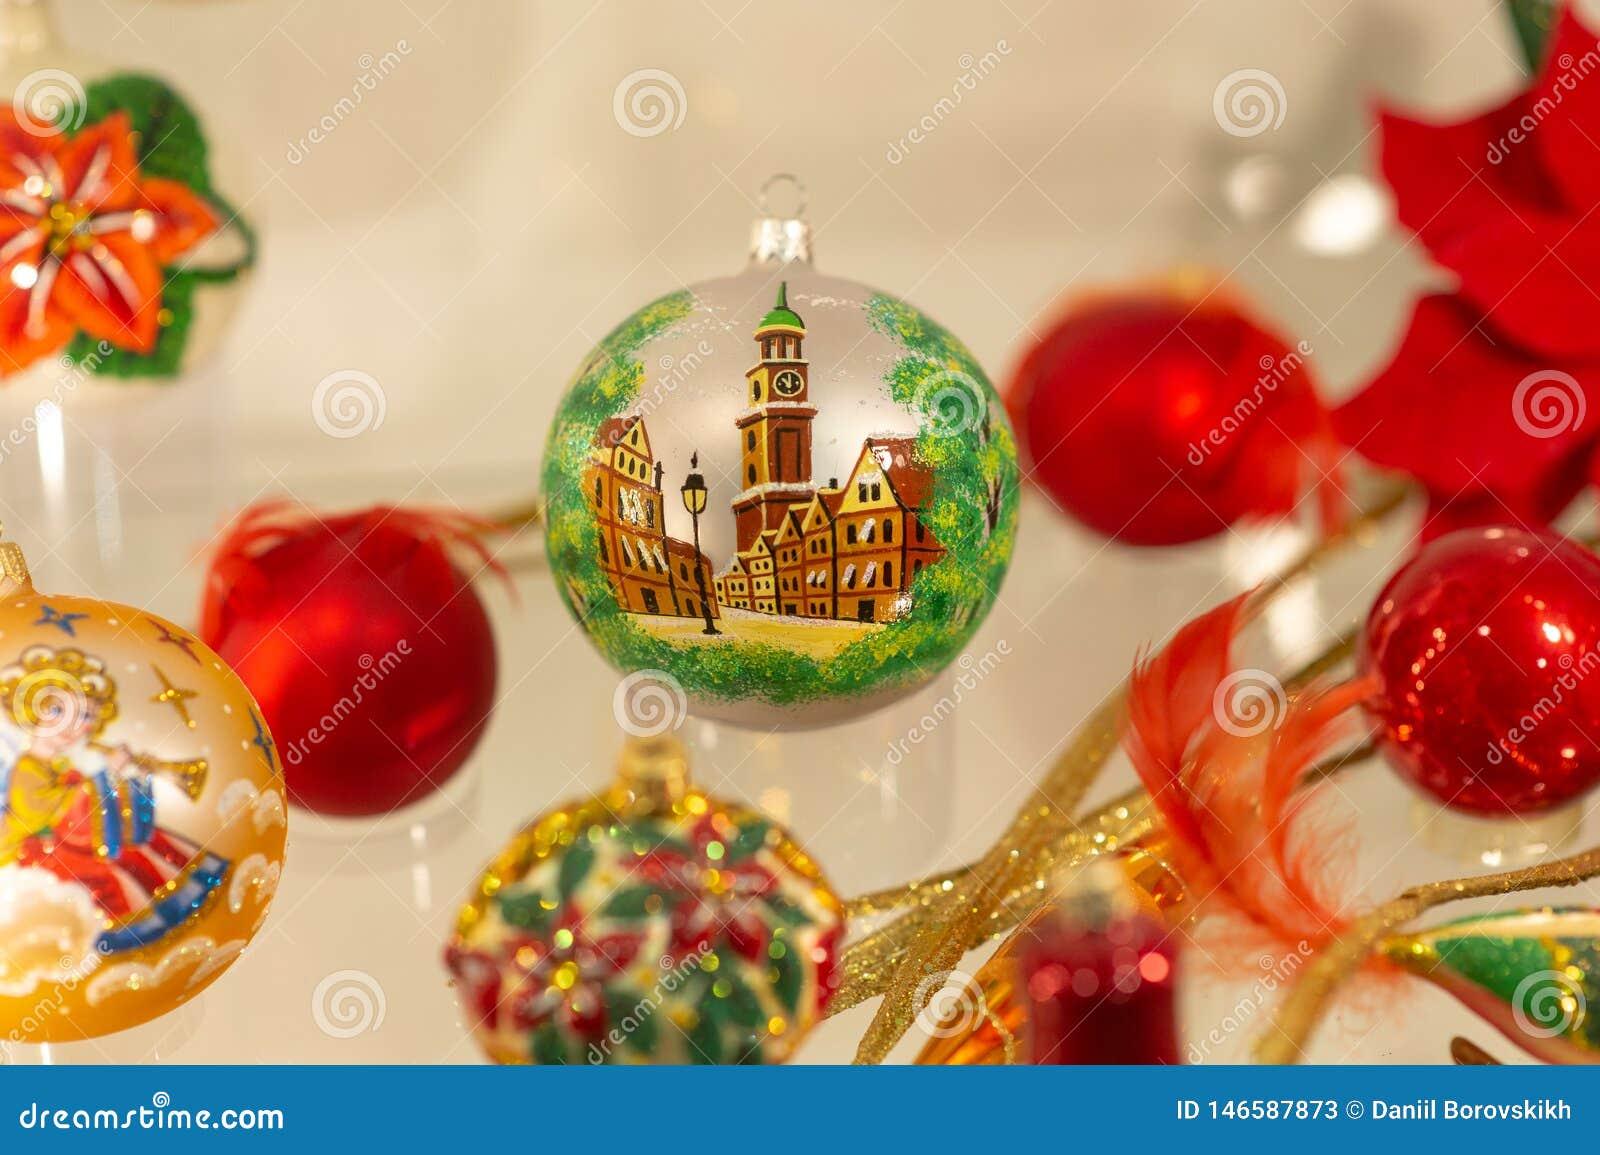 Palla di notte di San Silvestro con un immagine di una città